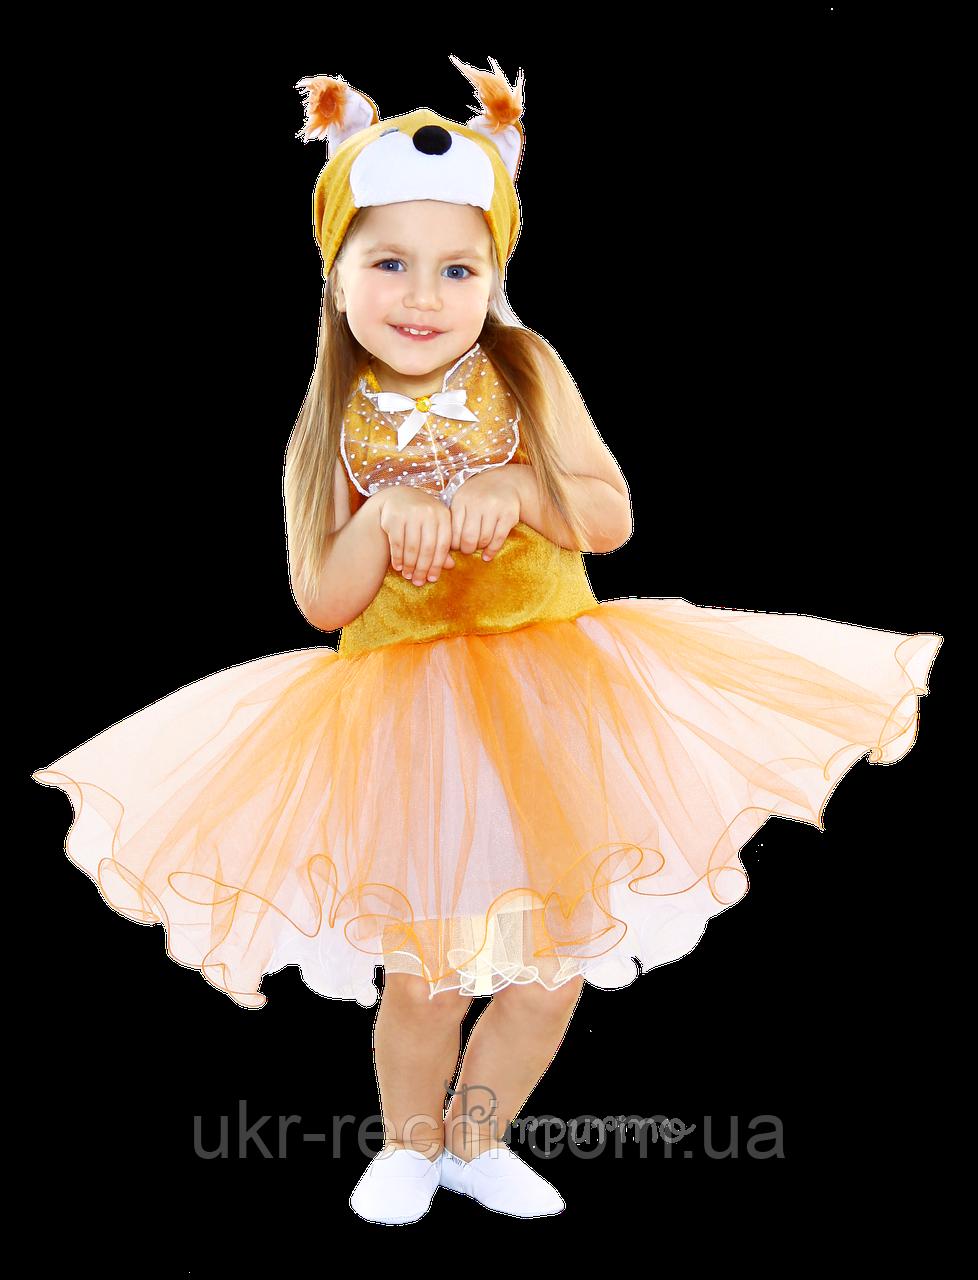 Детский карнавальный костюм Белочки Код 84102: продажа ... - photo#24